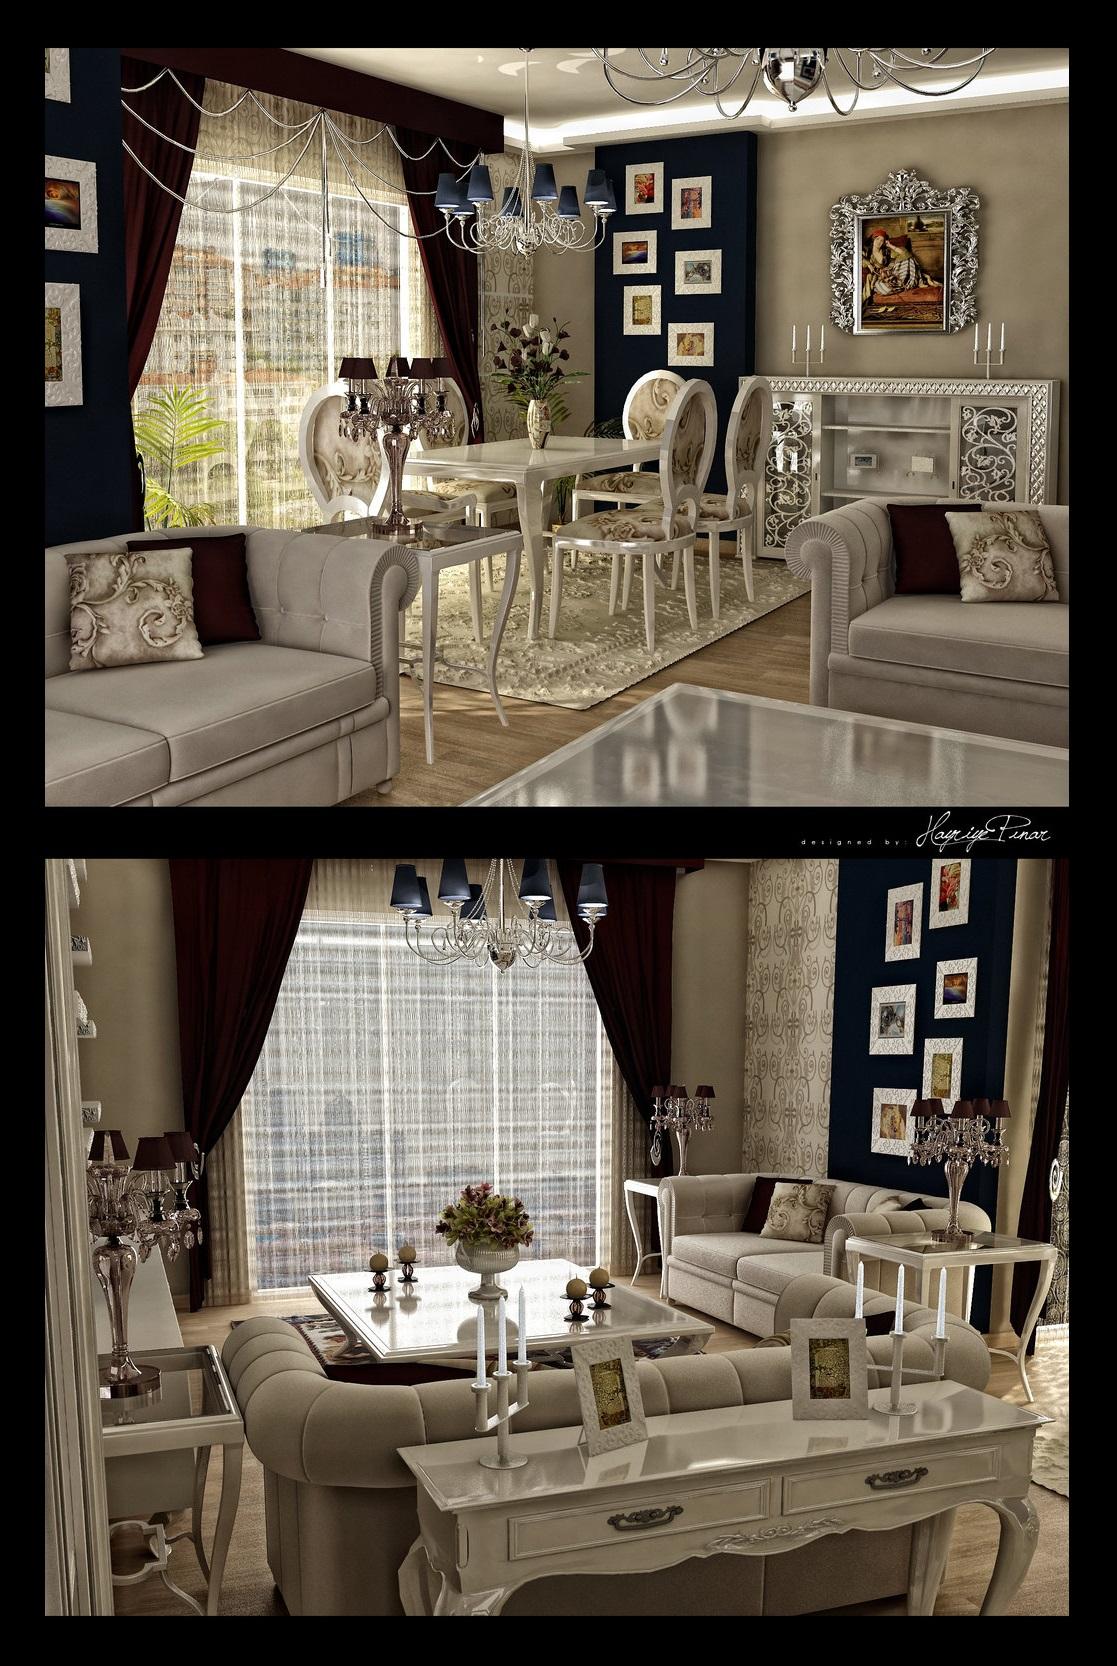 سبک کلاسیک مدرن پذیرایی این اتاق به نظر می رسد کلاسیک مدرن